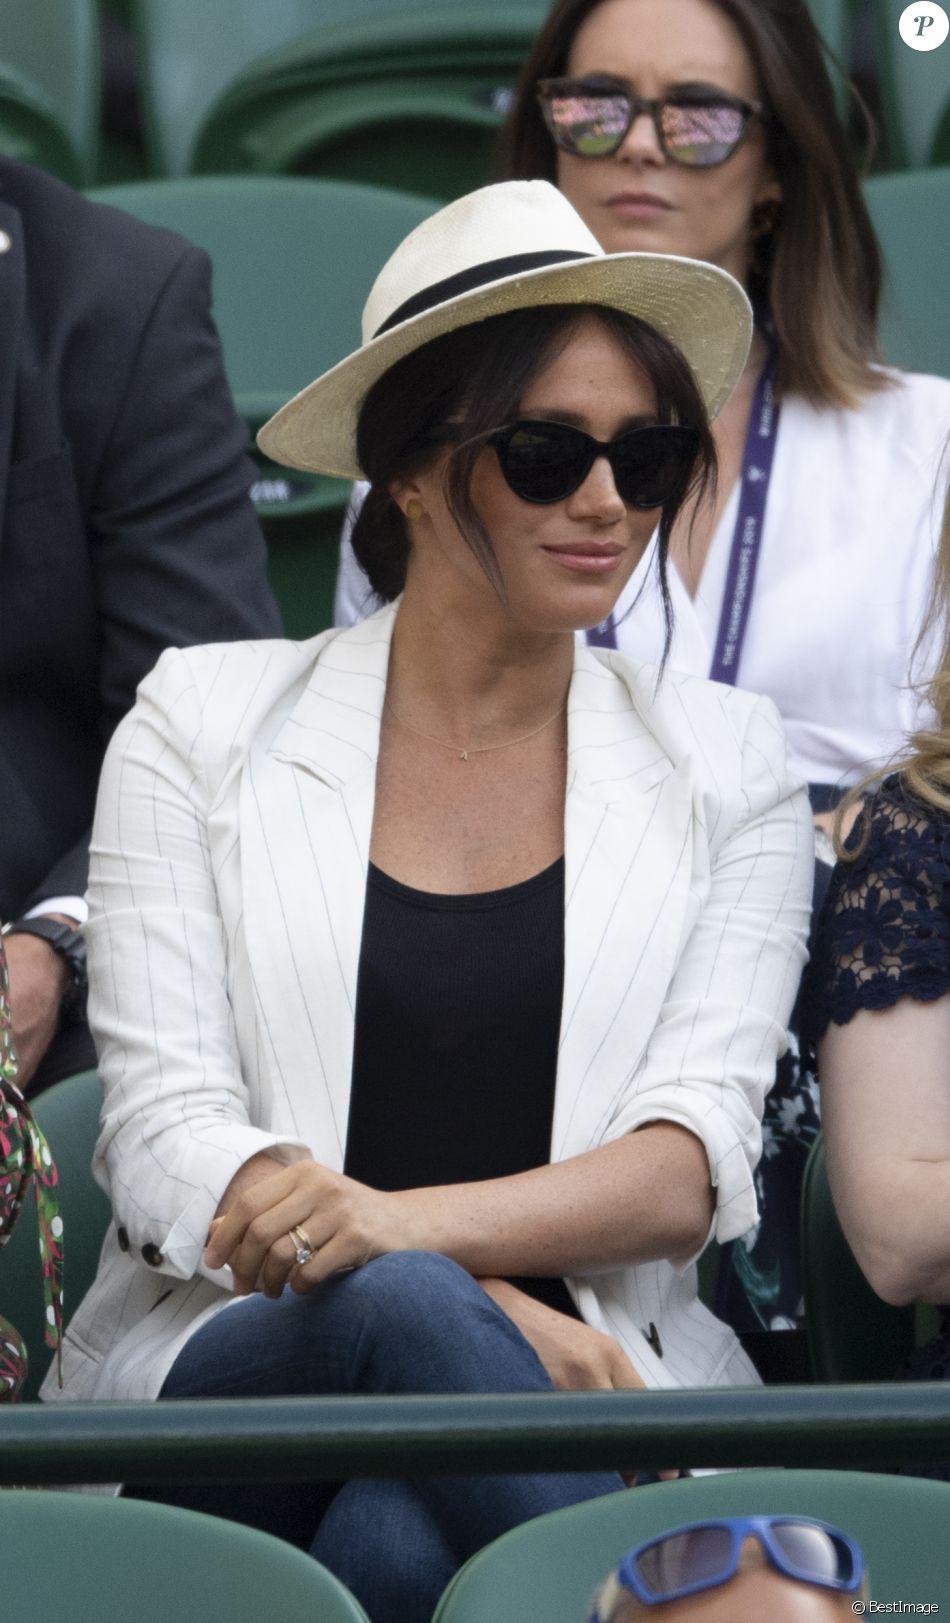 """Meghan Markle, duchesse de Sussex, assiste au match """"Serena Williams vs Kaja Juvan (2/6 - 6/2 - 6/4)"""" au Tournoi de Wimbledon 2019, le 4 juillet 2019."""